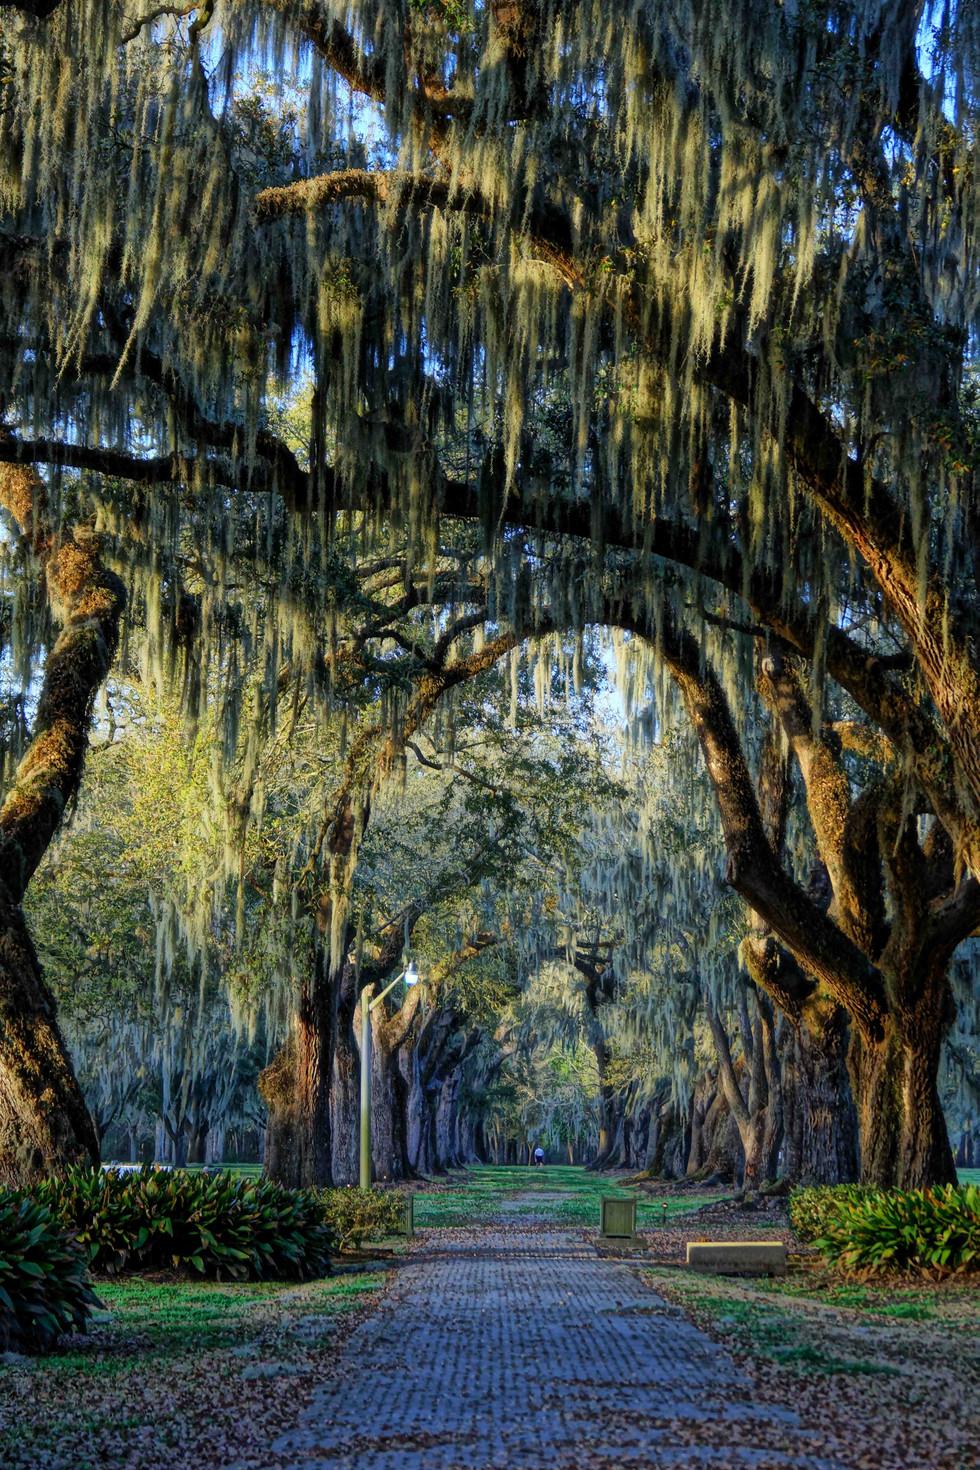 manreasa oaks 6 web.jpg